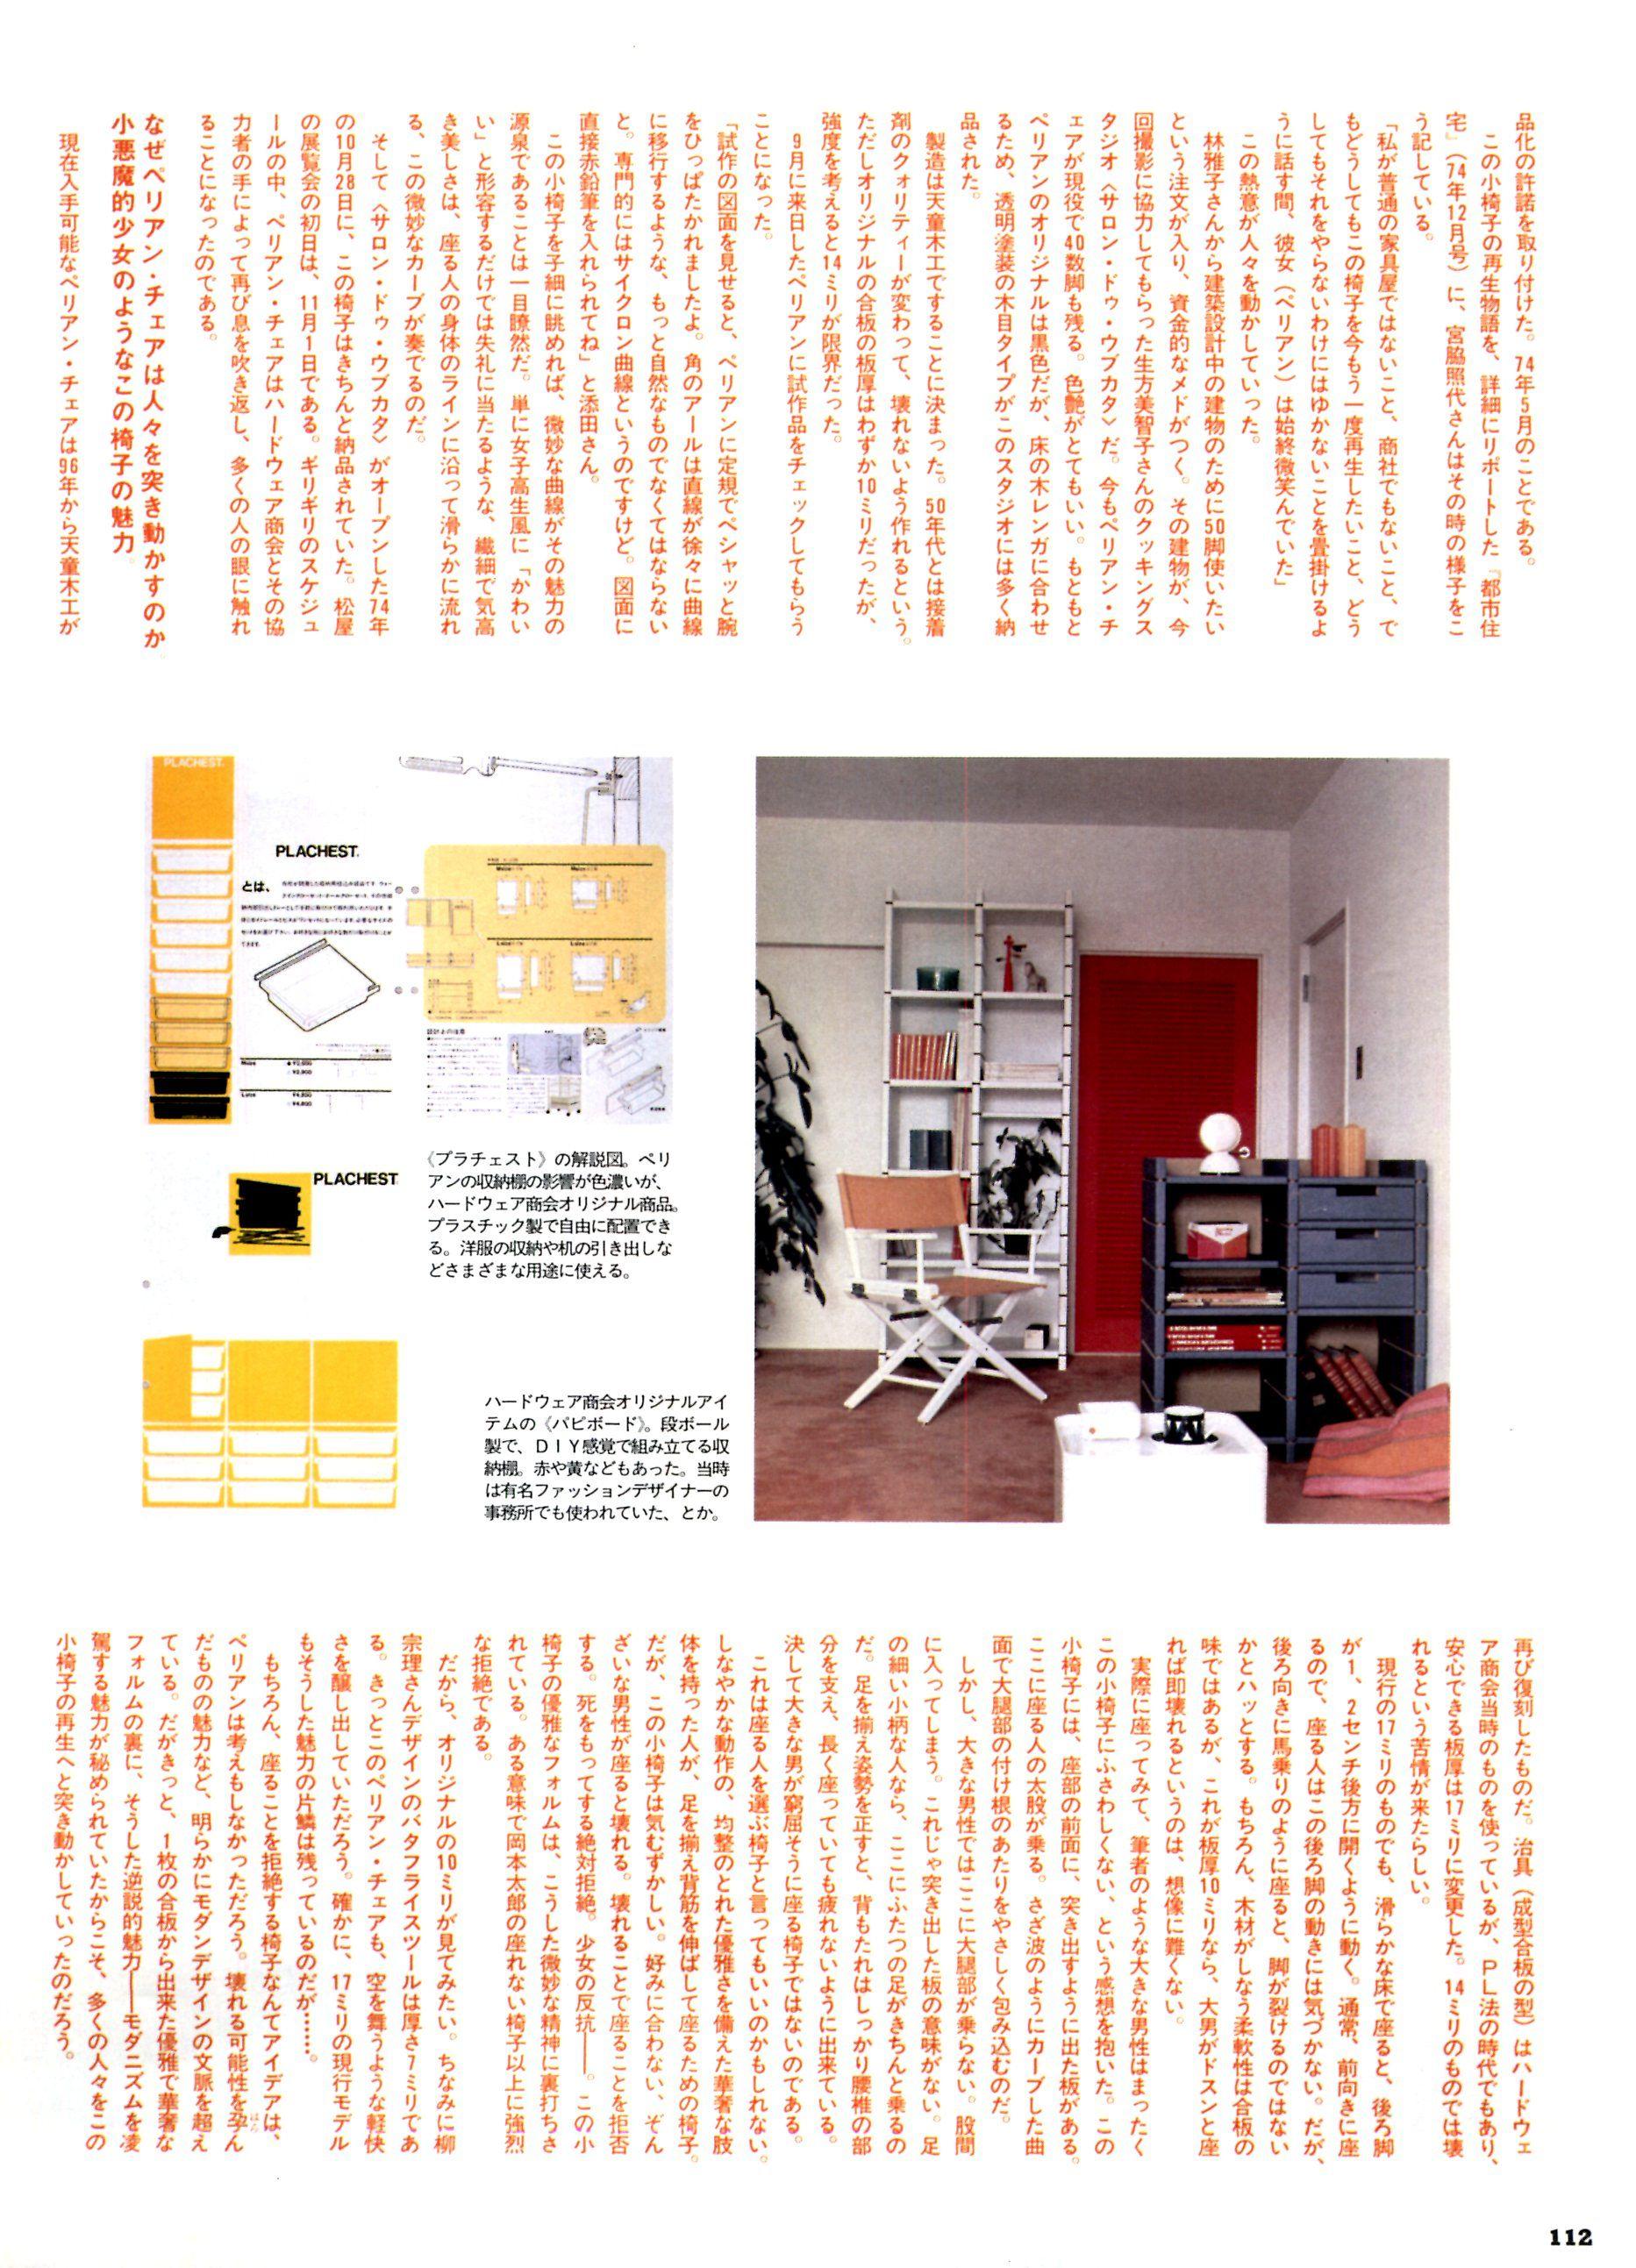 BRUTUS Magazine No.419, 10/15 1998, P112, 3/4